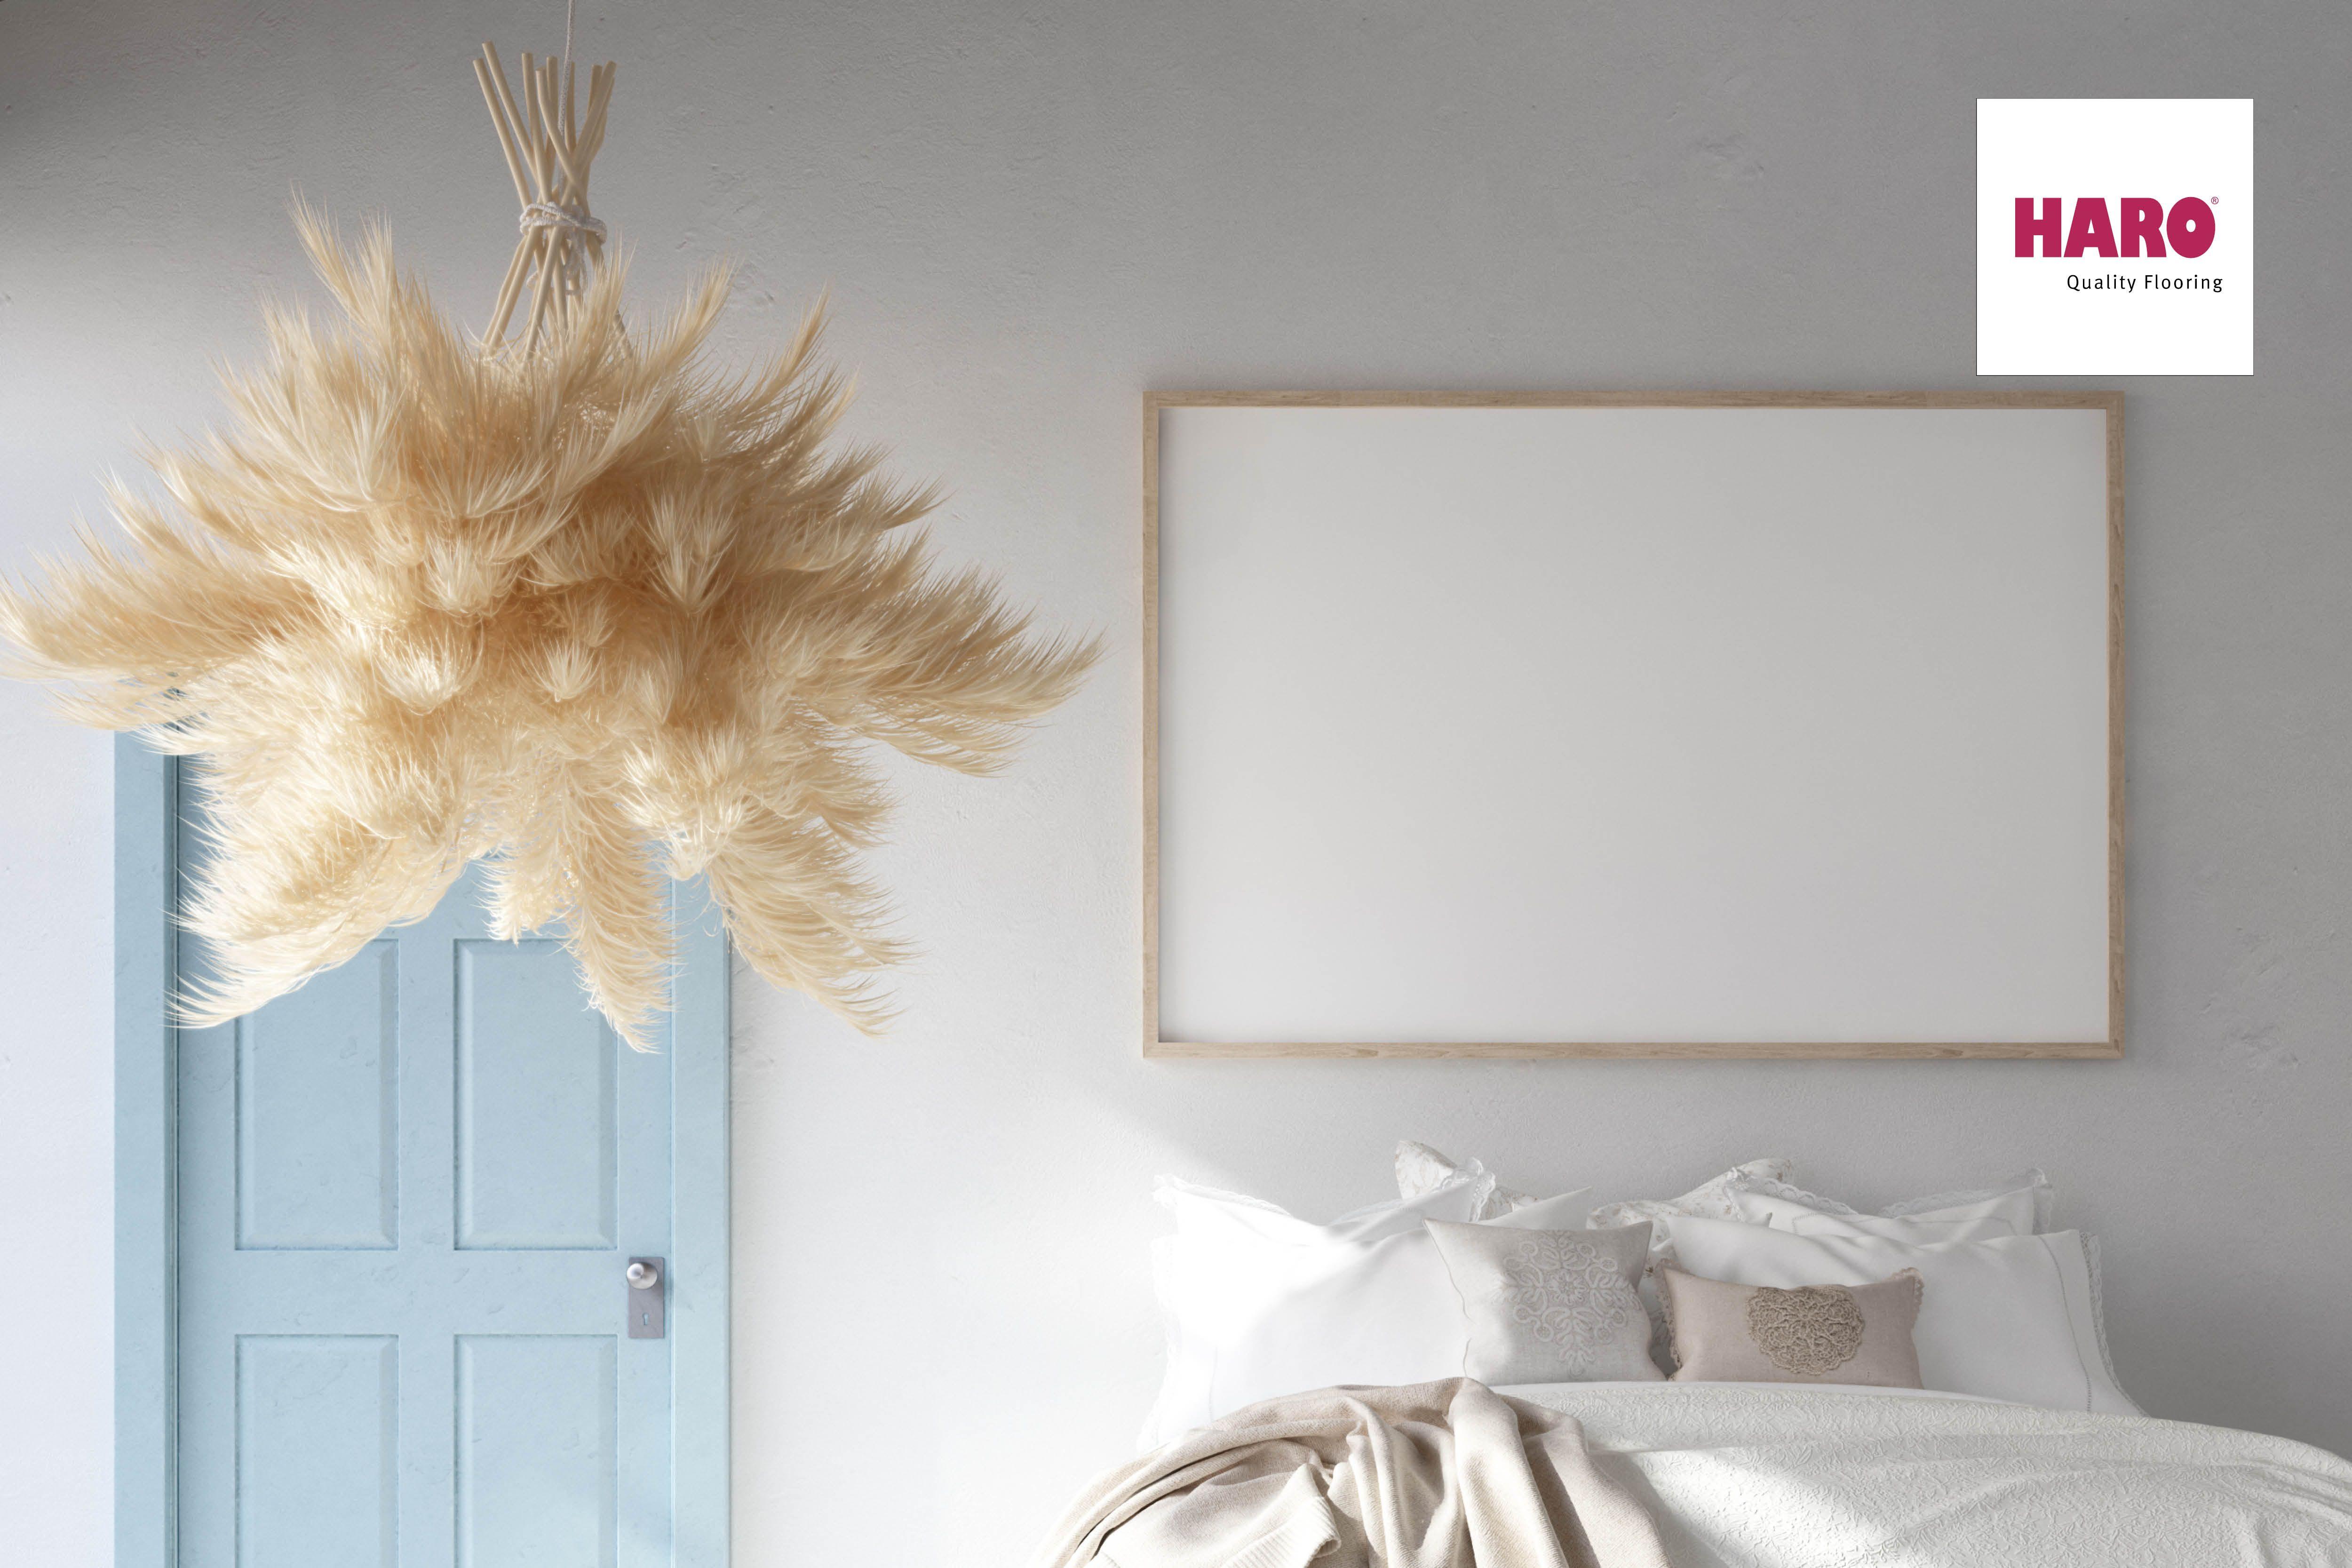 Indirekte Beleuchtung Im Schlafzimmer Die Ist Mittlerweile Vom Trend Zum Standard Geworden Aber Was Macht Man Nun Mit Schoner Wohnen Wohnen Und Leben Wohnen